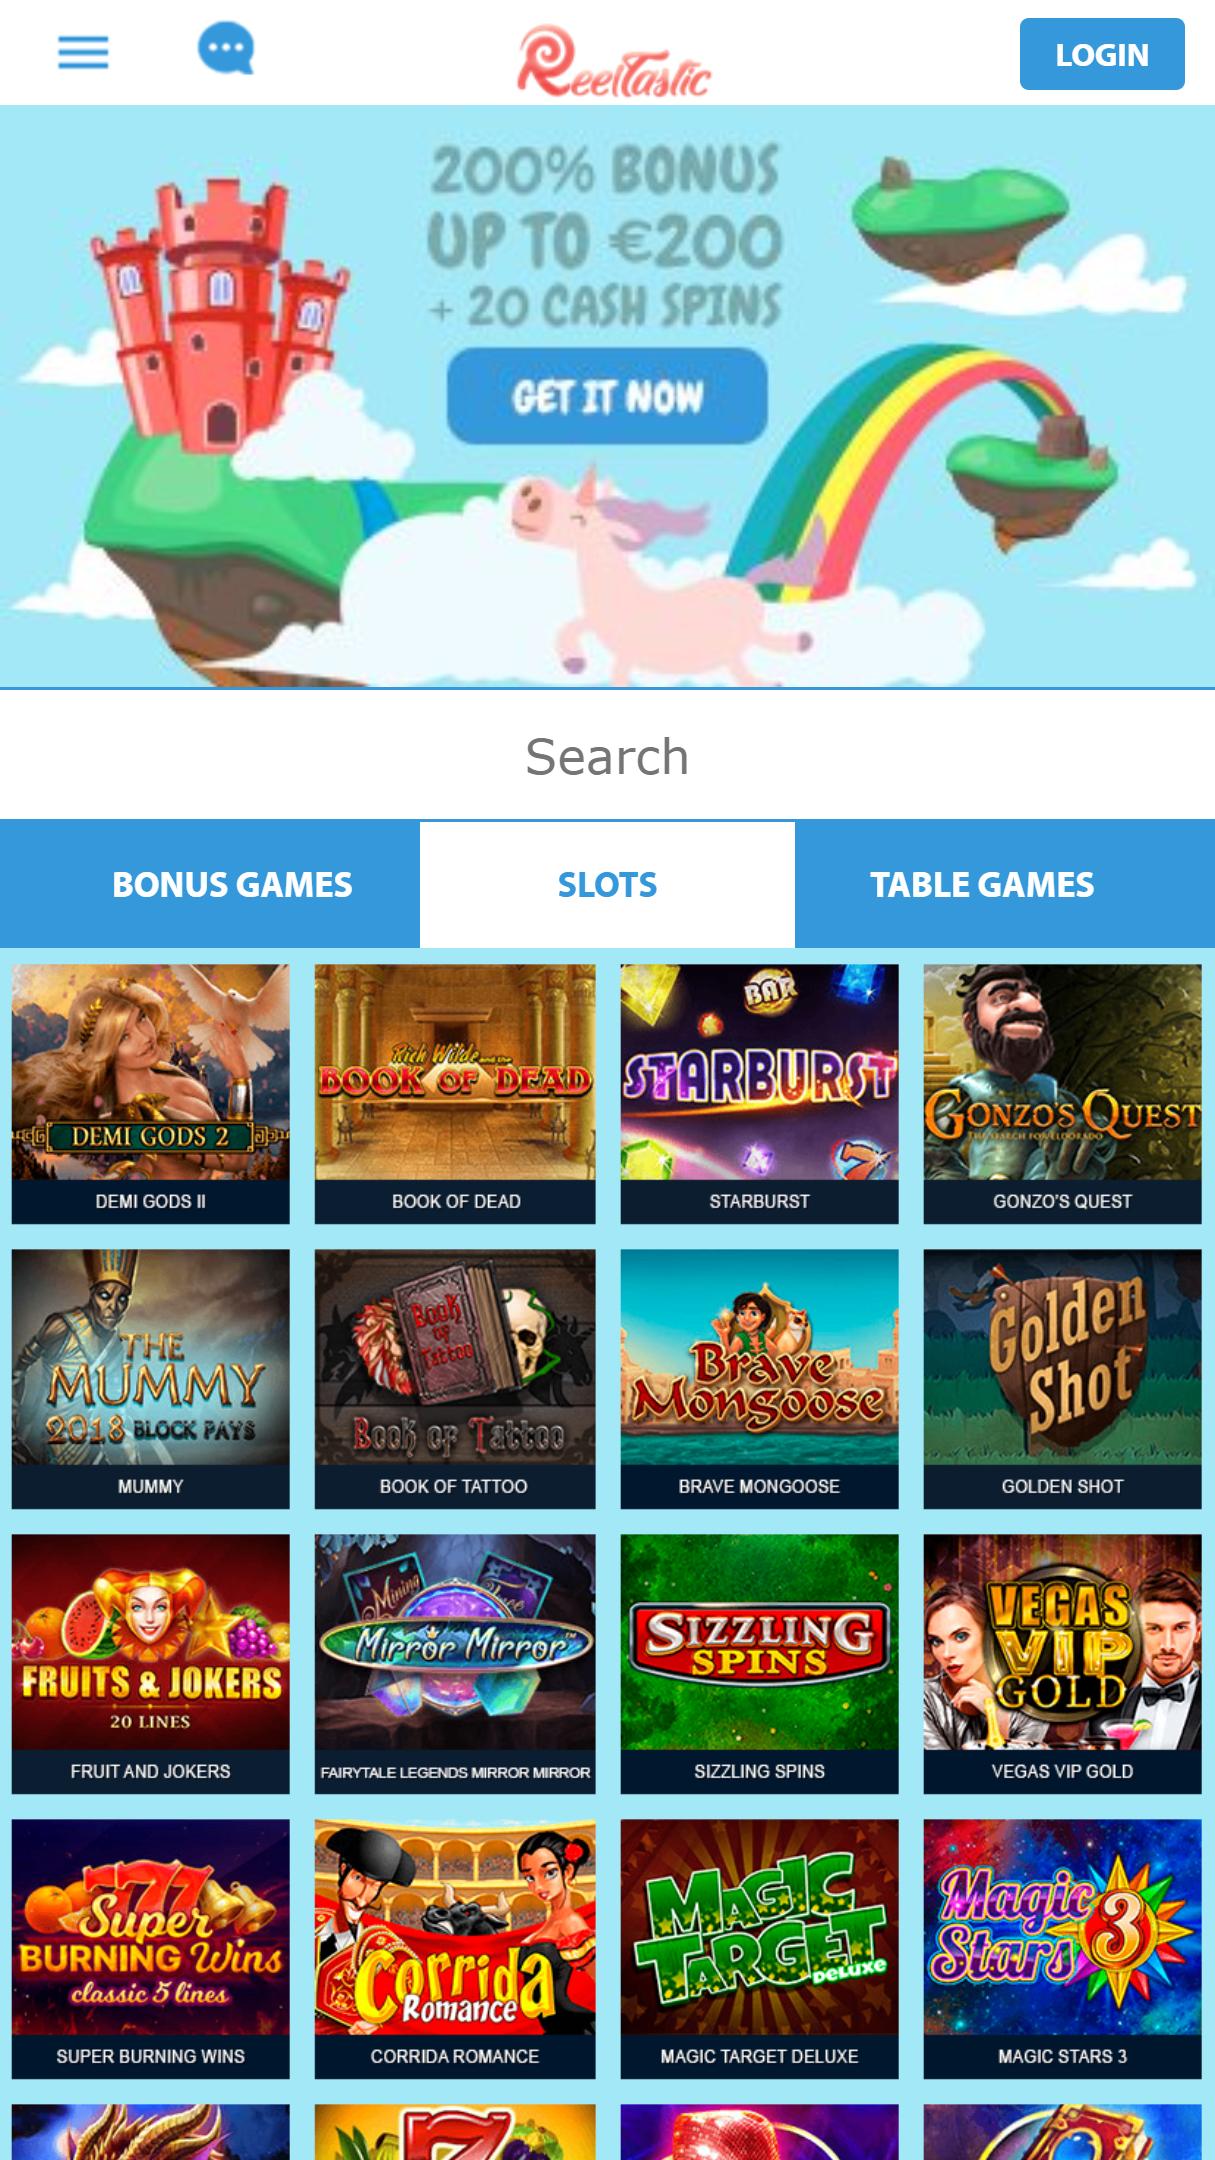 Reeltastic App Homepage